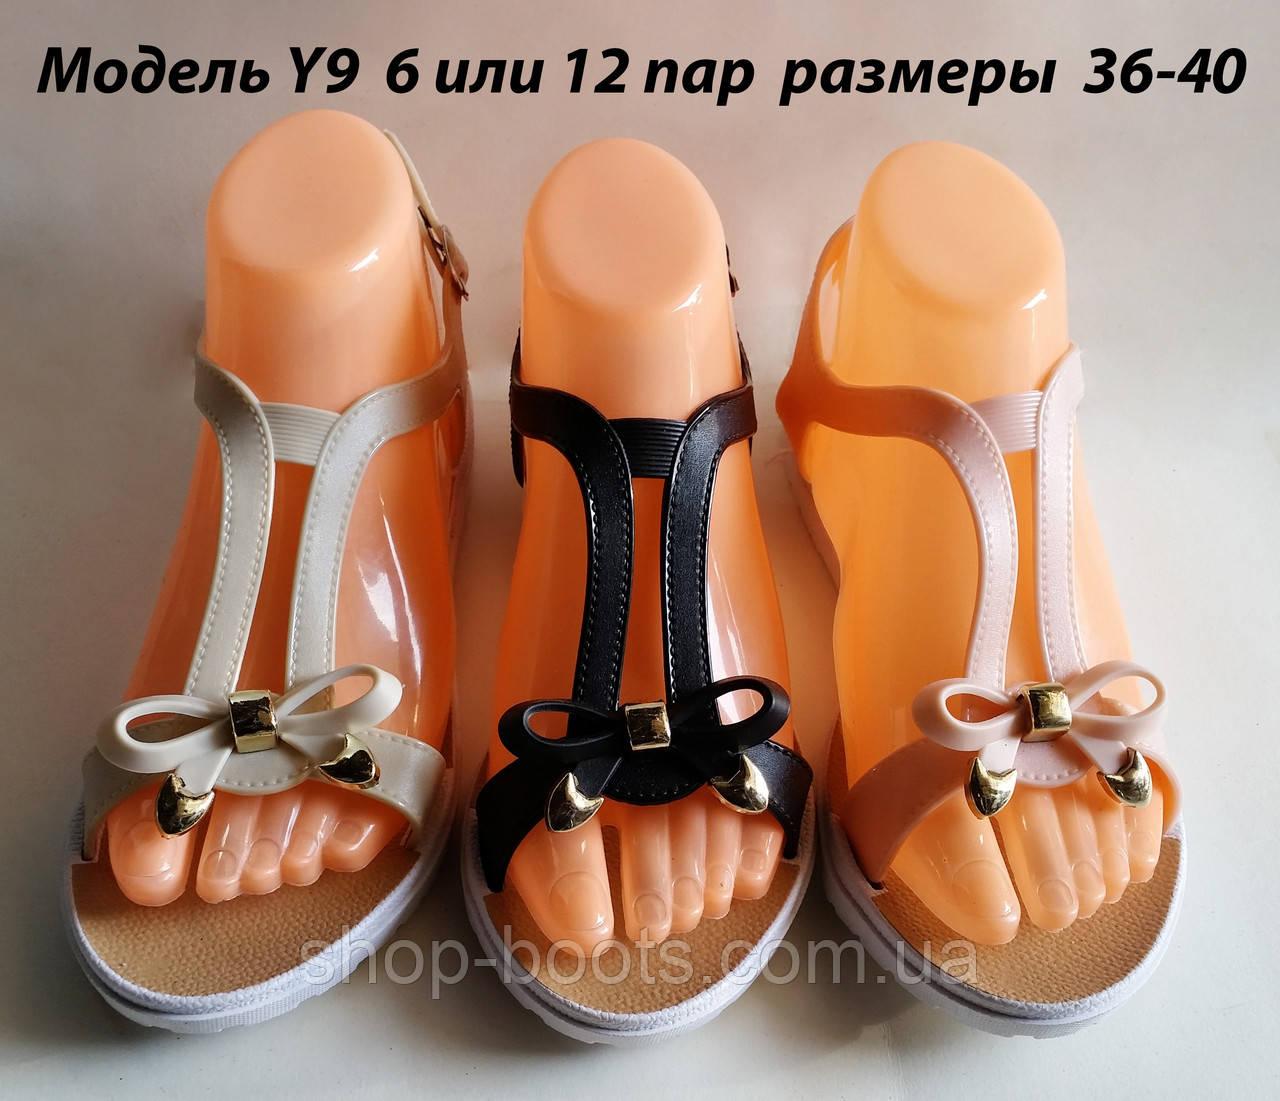 Женские шлепанцы сандалии на резиновой подошве оптом. 36-40рр. Модель Y9